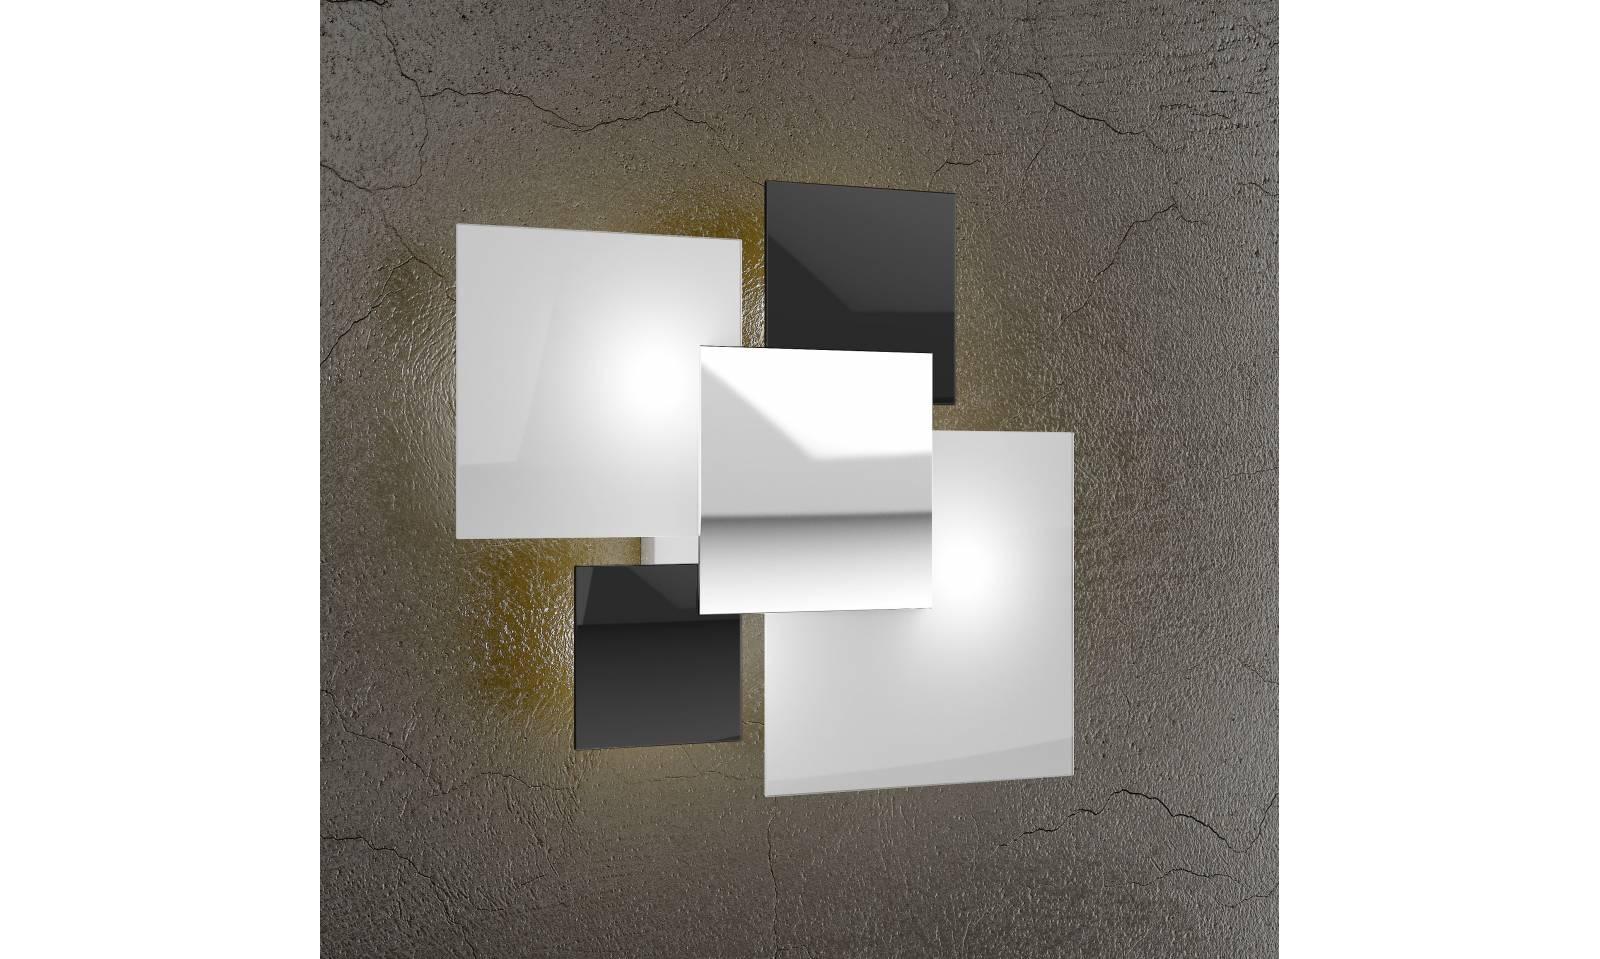 Plafoniera Quadra Led 63 : Plafoniera serie shadow luci Ø cm con vetro in diverse finiture